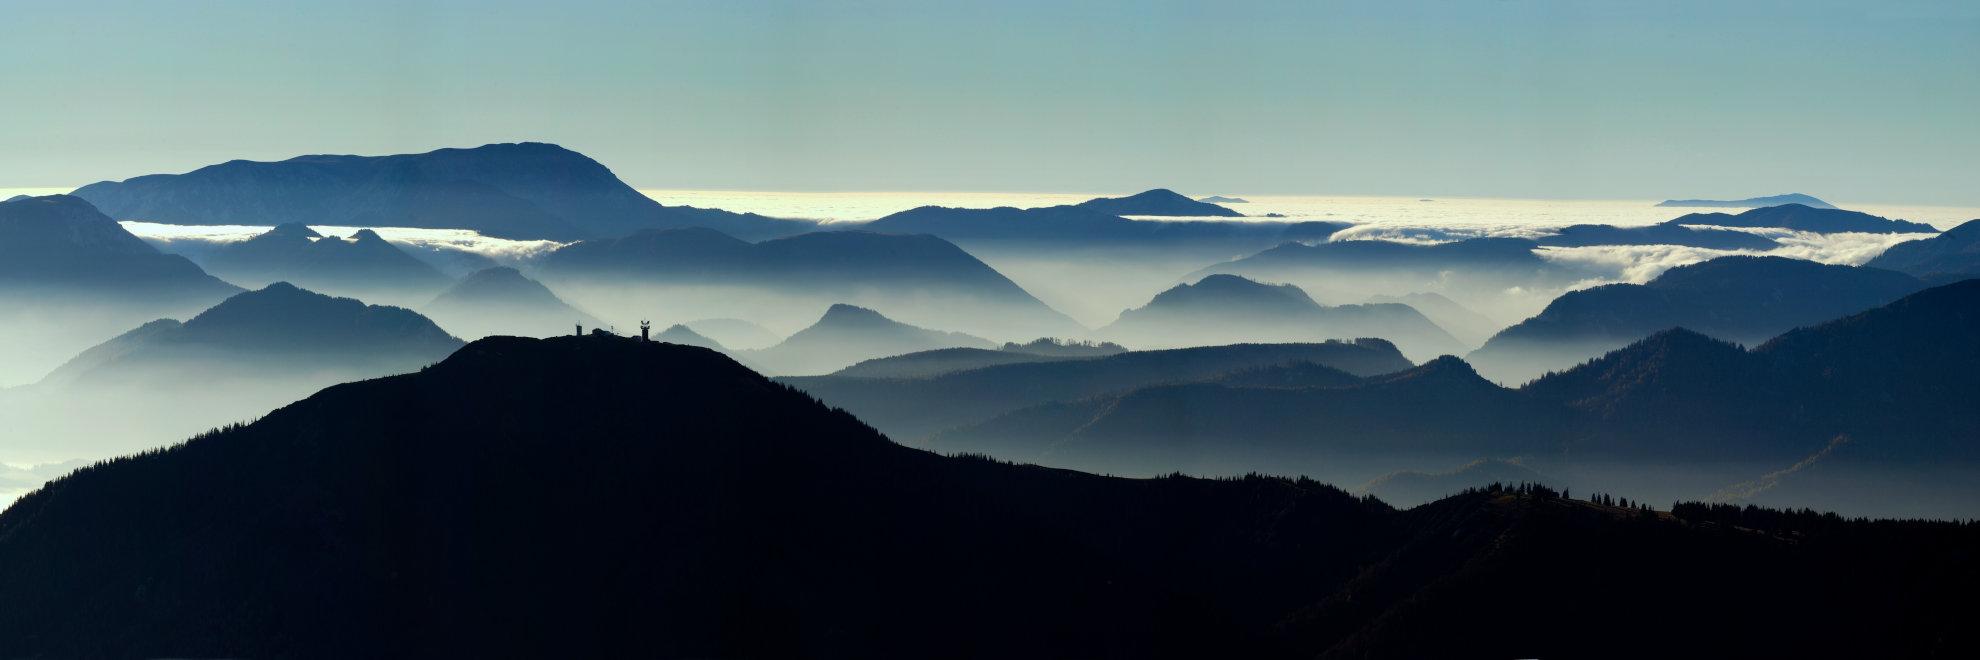 Hügel im Nebel - Mitarbeiter richtig behandeln